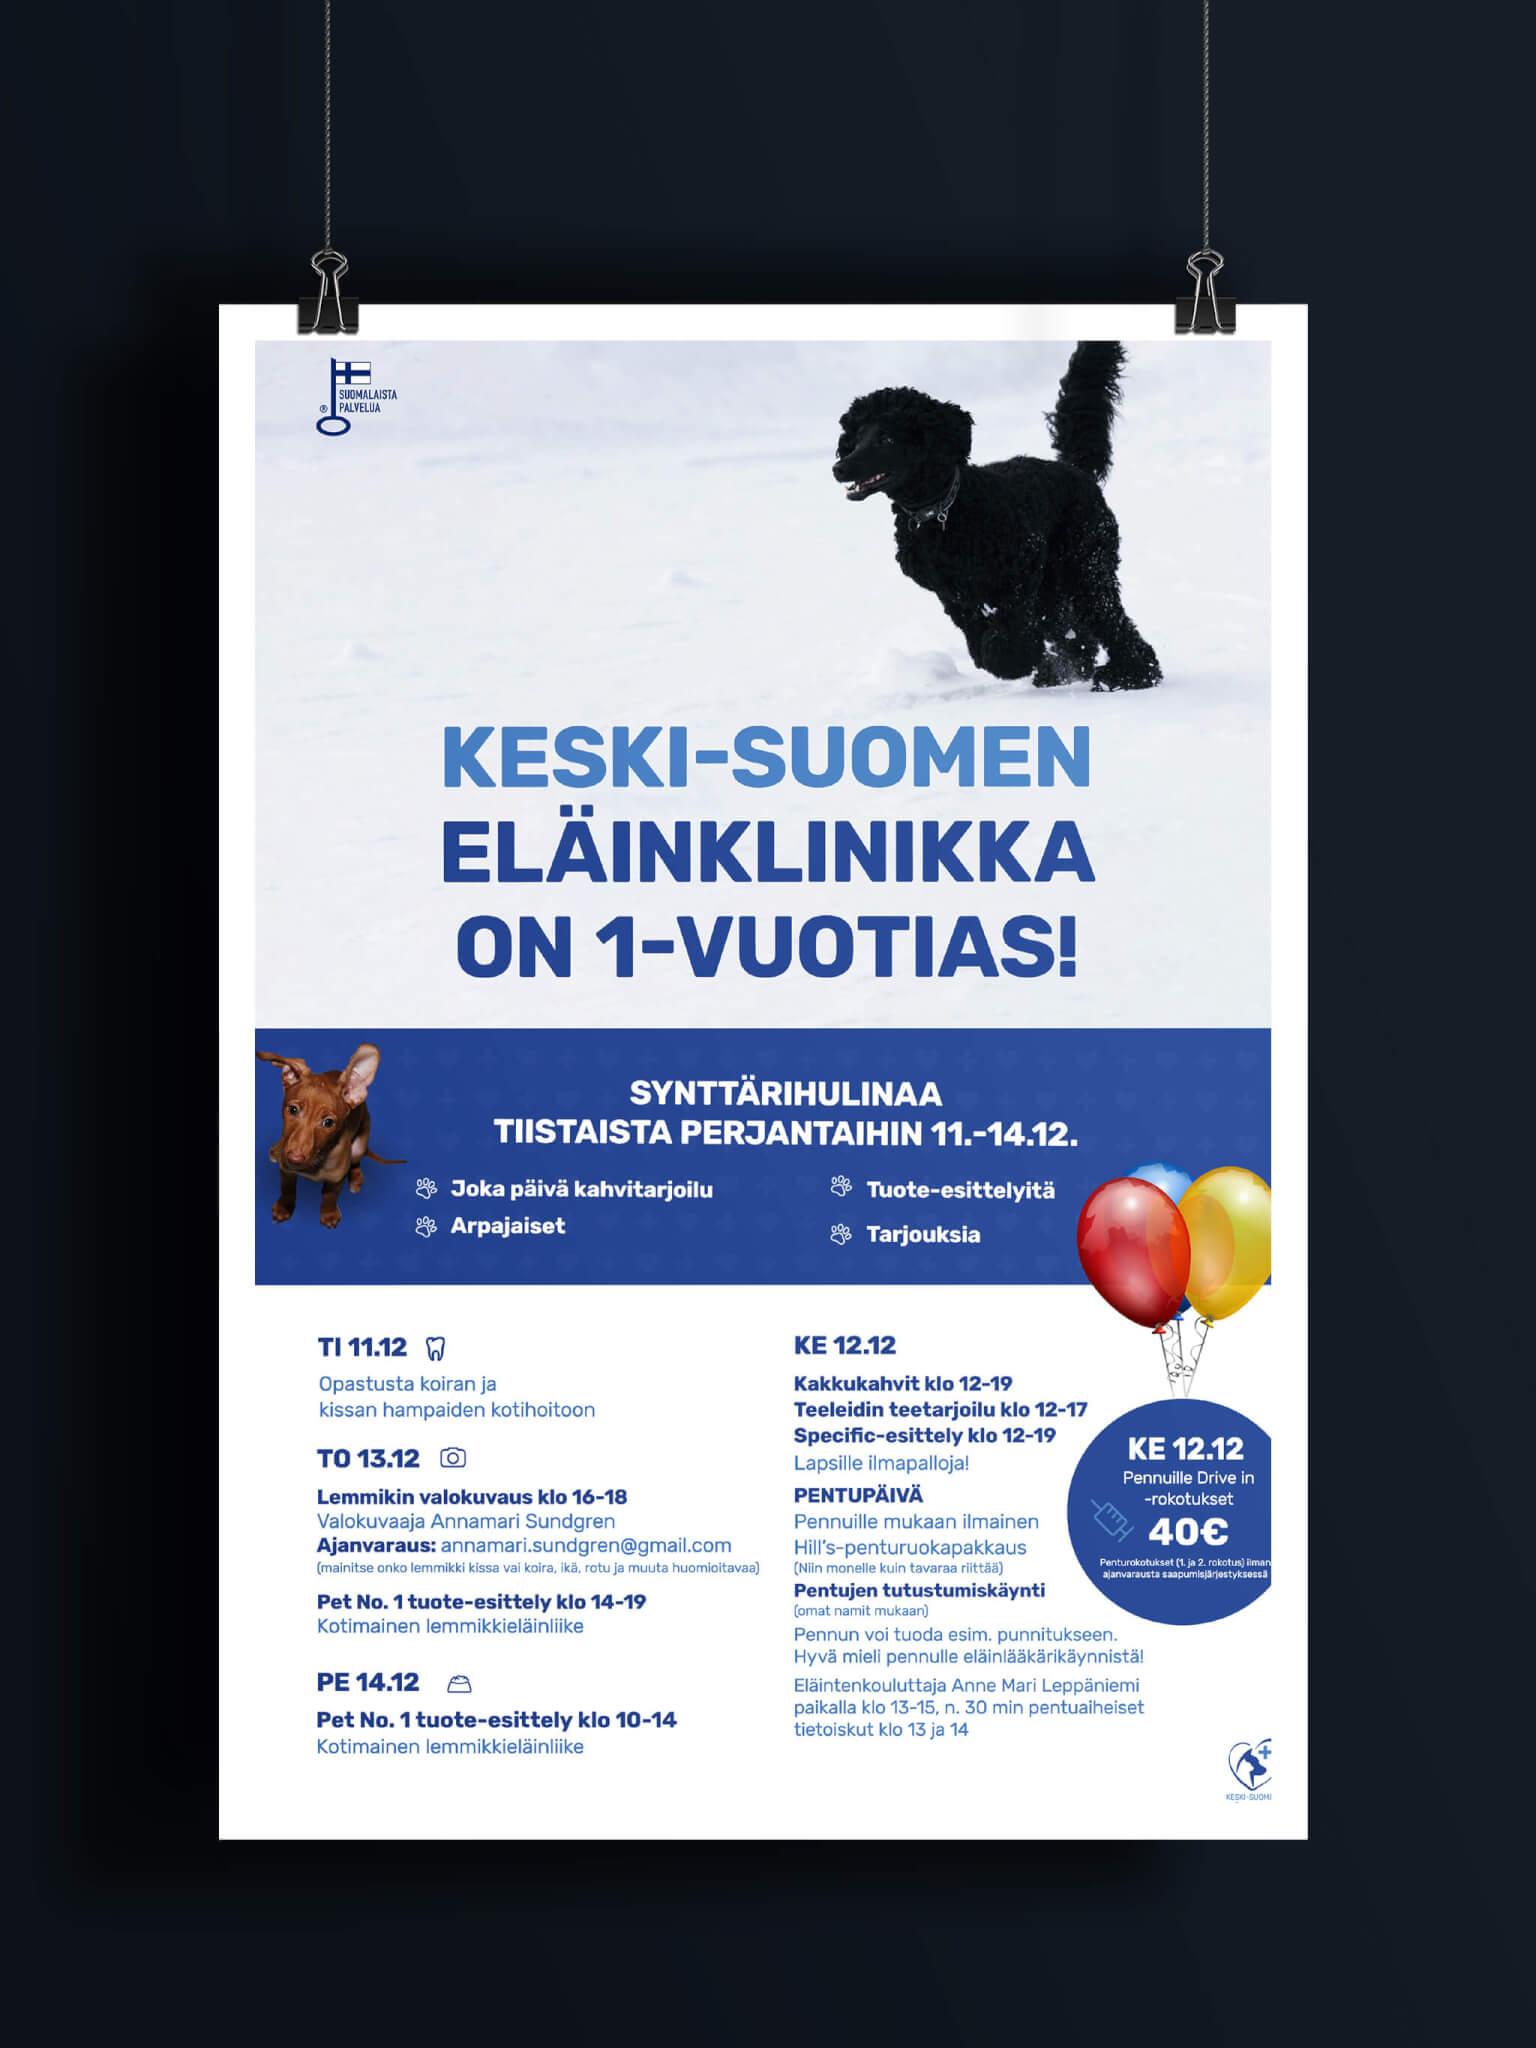 Graafinen suunnittelu-keskisuomen-eläinklinikka-juliste